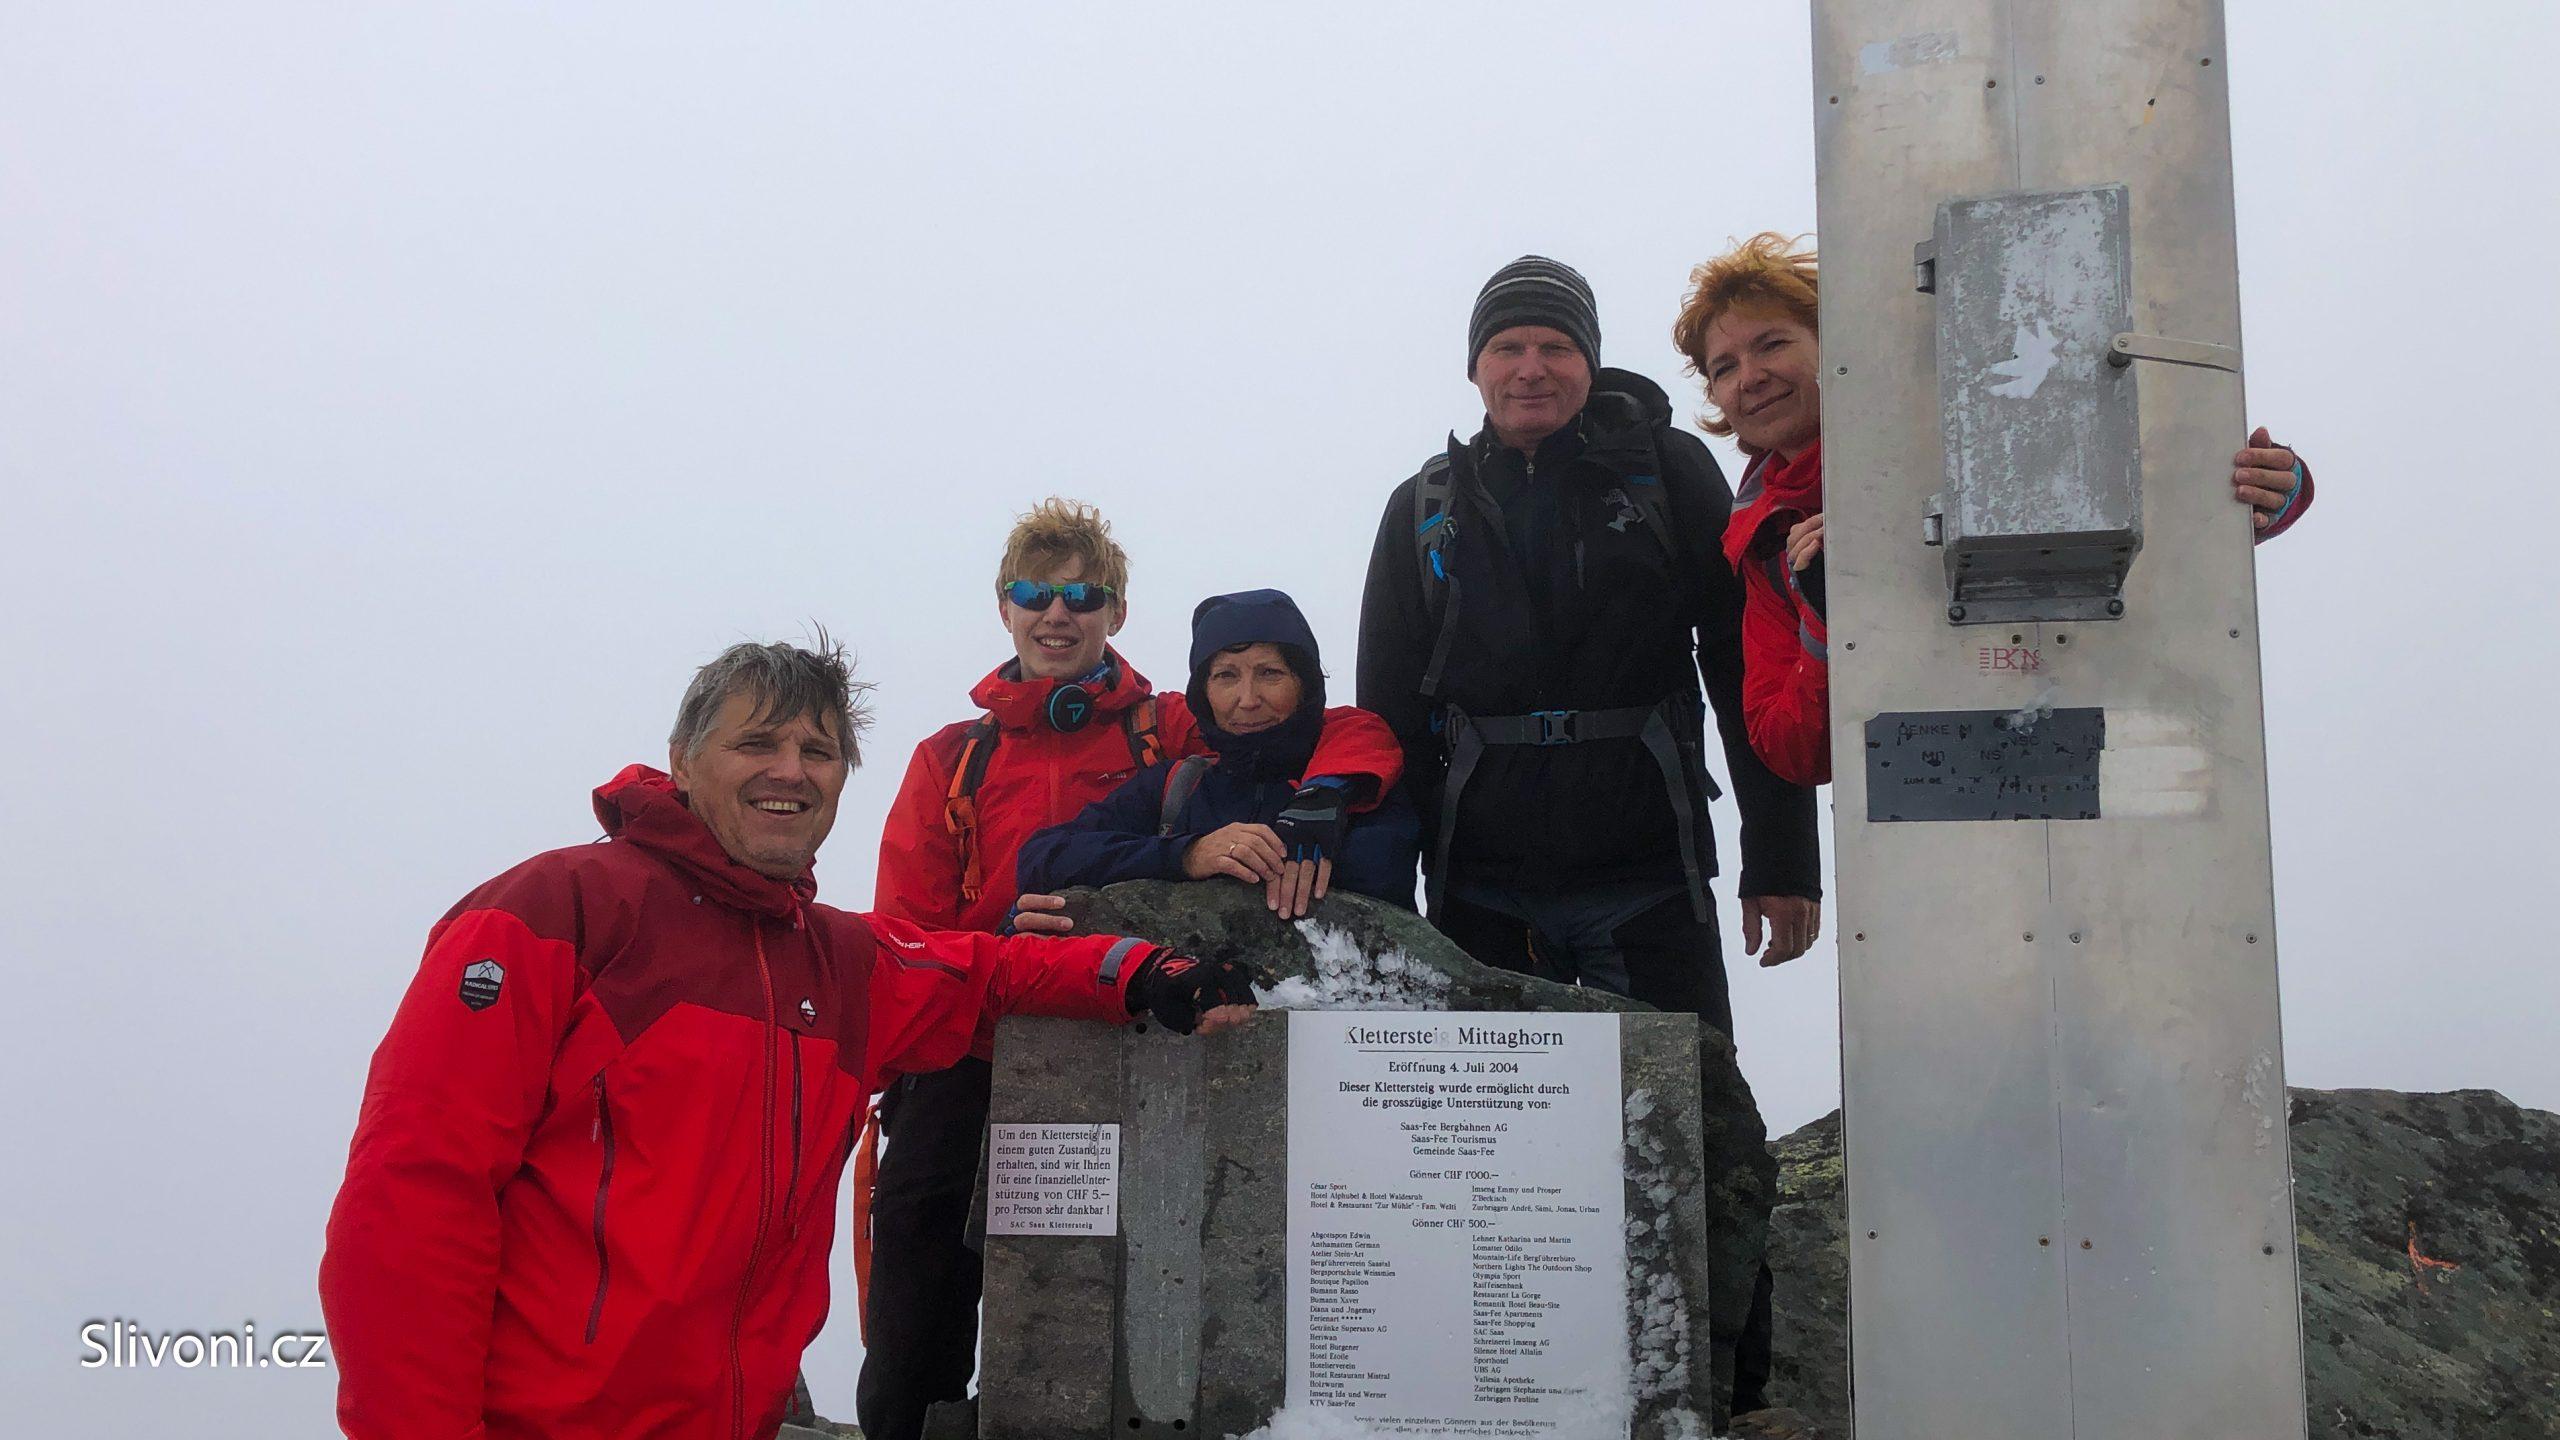 Den 4 – Výstup na Mittaghorn 3.143 m.n.m.